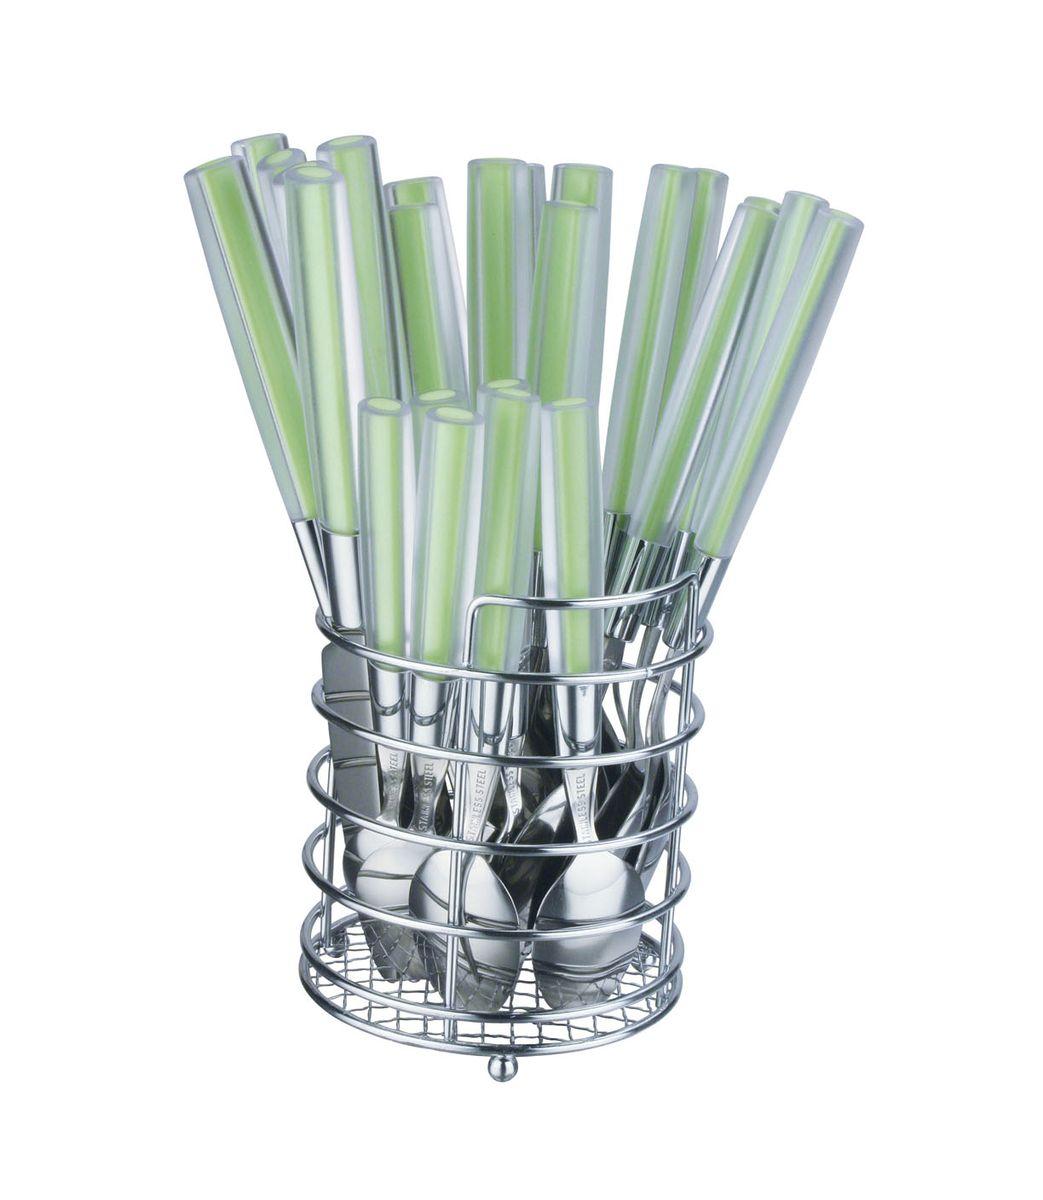 Набор столовых приборов Bekker, 25 предметов. BK-421BK-421Набор столовых приборов Bekker состоит из 6 столовых ложек, 6 столовых вилок, 6 столовых ножей, 6 чайных ложек и подставки. Изделия выполнены из высококачественной нержавеющей стали с зеркальной полировкой. Ручки приборов изготовлены из пластика. Для хранения приборов предусмотрена подставка-корзинка с 4 секциями для каждого вида прибора. Такой набор прекрасно дополнит сервировку стола. Благодаря качеству материала и первоклассной обработке, набор прослужит вам долгие годы и сохранит безупречный внешний вид.